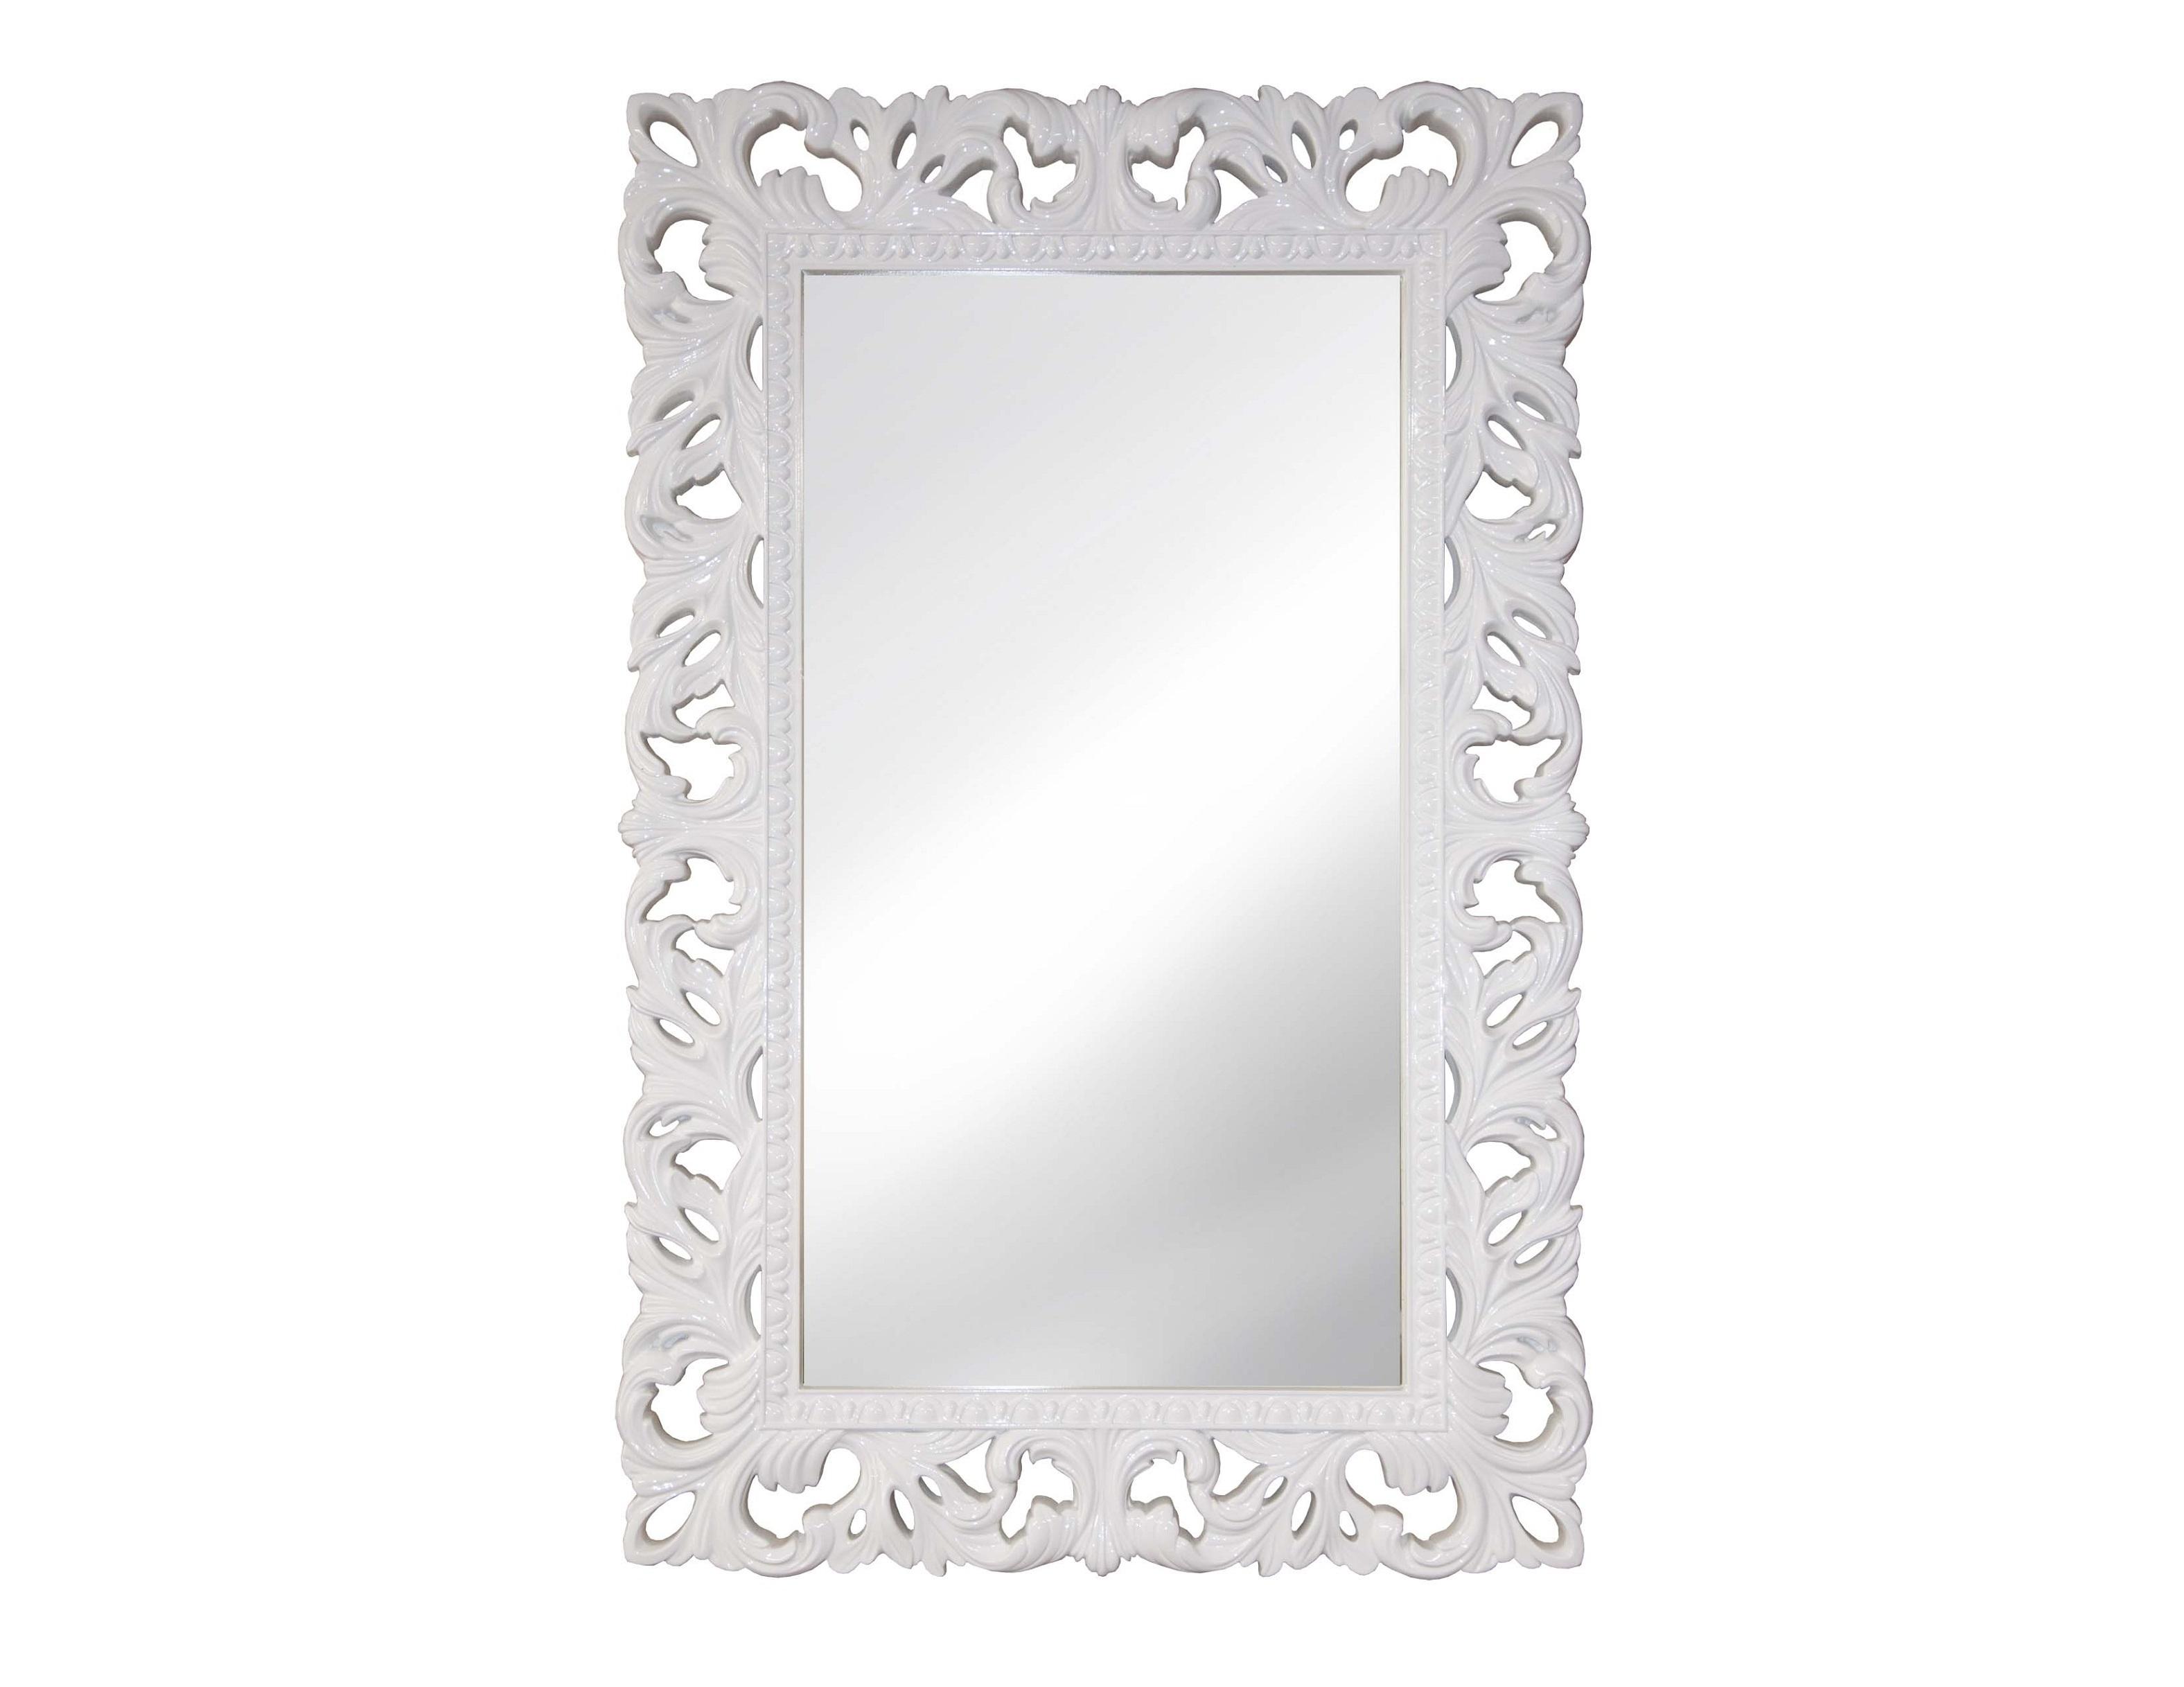 ЗеркалоНастенные зеркала<br>&amp;lt;div&amp;gt;Основные особенности ППУ: Безопасен для здоровья, не содержит вещества вызывающие аллергию, долговечность, надежность, жесткость, влагостойкость. Все декоративные красители - грунты, эмали, воски обладают высокой стойкостью.&amp;amp;nbsp;&amp;lt;/div&amp;gt;&amp;lt;div&amp;gt;Основное преимущество использованных материалов - это отсутствие запахов и быстрое высыхание, а также экологичность.&amp;amp;nbsp;&amp;lt;/div&amp;gt;&amp;lt;div&amp;gt;&amp;lt;br&amp;gt;&amp;lt;/div&amp;gt;&amp;lt;div&amp;gt;Рекомендации по уходу: бережная, влажная уборка.&amp;amp;nbsp;&amp;lt;/div&amp;gt;&amp;lt;div&amp;gt;Запрещается использование любых растворителей.&amp;lt;/div&amp;gt;<br><br>Material: Полиуретан<br>Length см: None<br>Width см: 63<br>Depth см: 4<br>Height см: 95